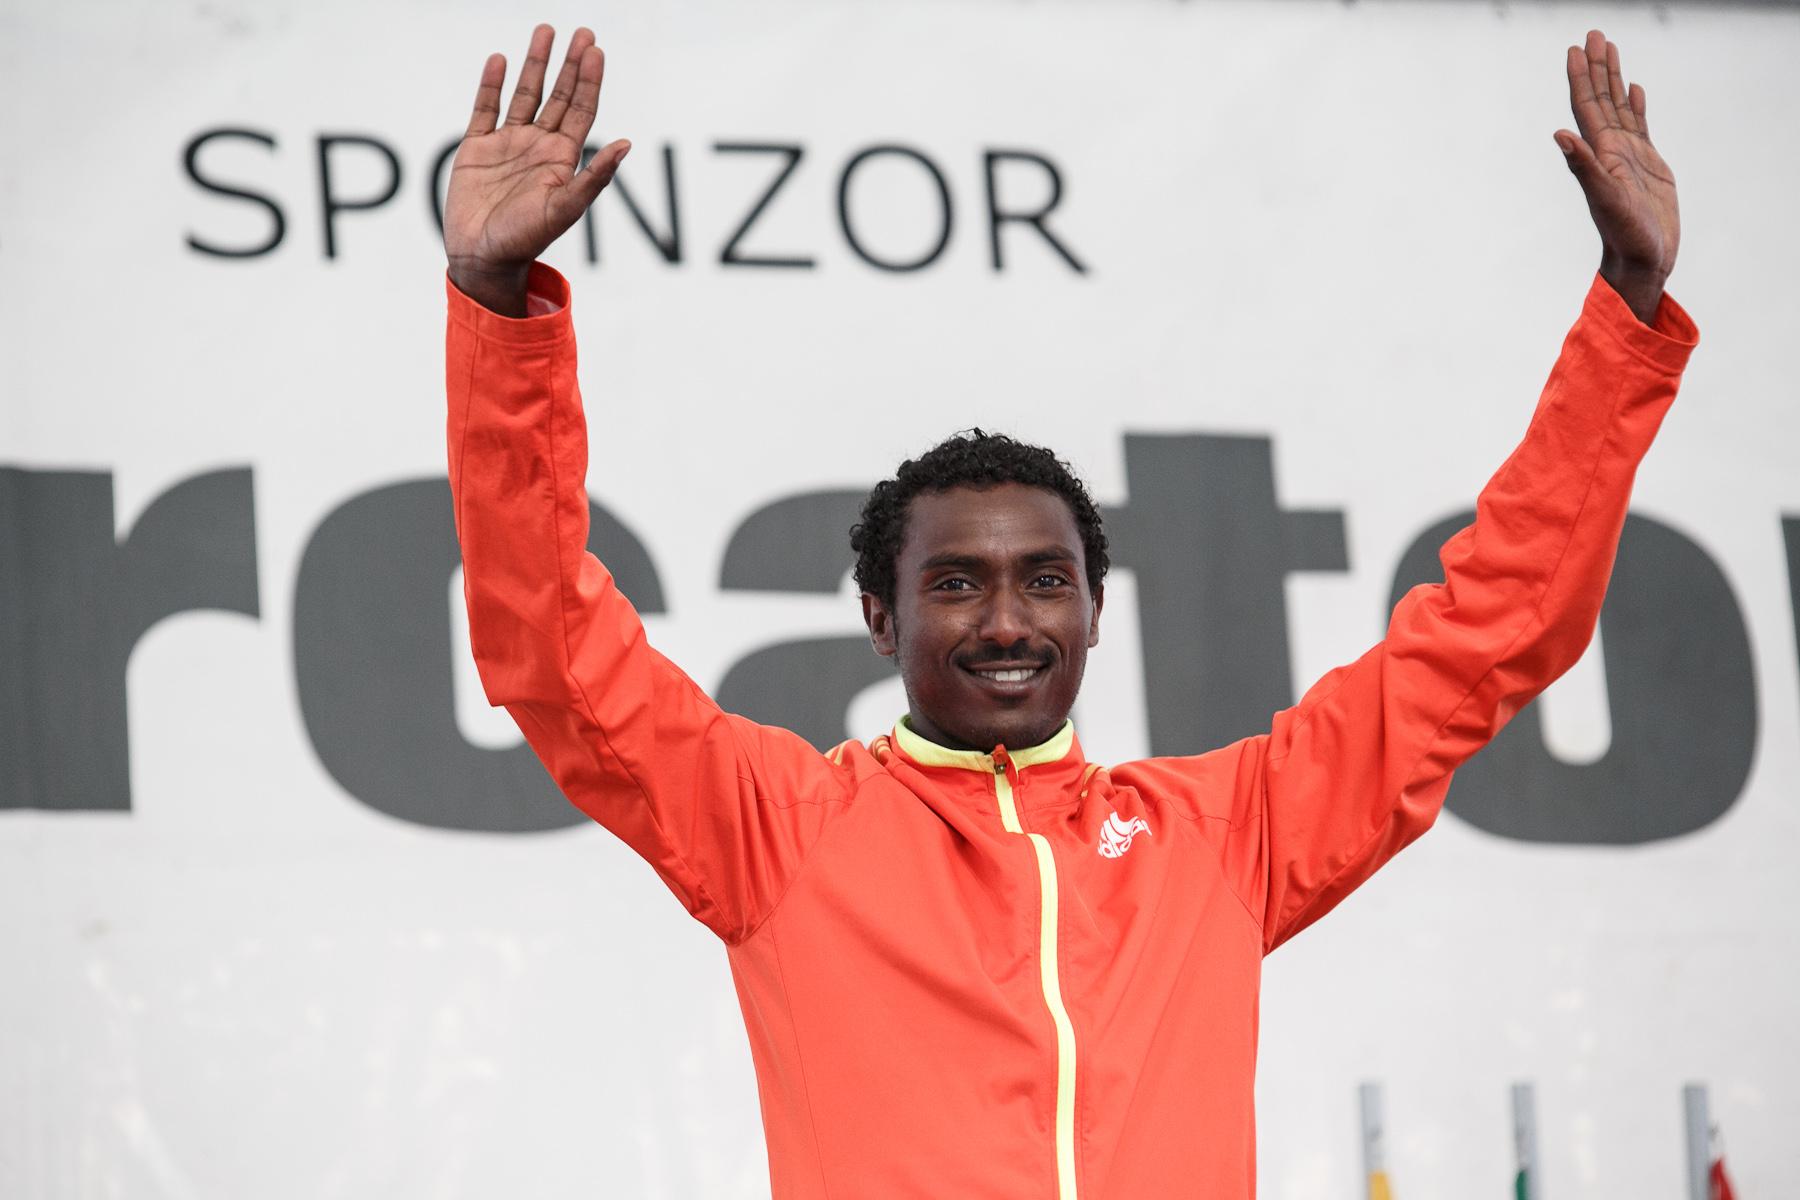 Berhanu Shiferaw celebrates victory at the 17th International Ljubljana Marathon on Oct 28, 2012 in Ljubljana, Slovenia.